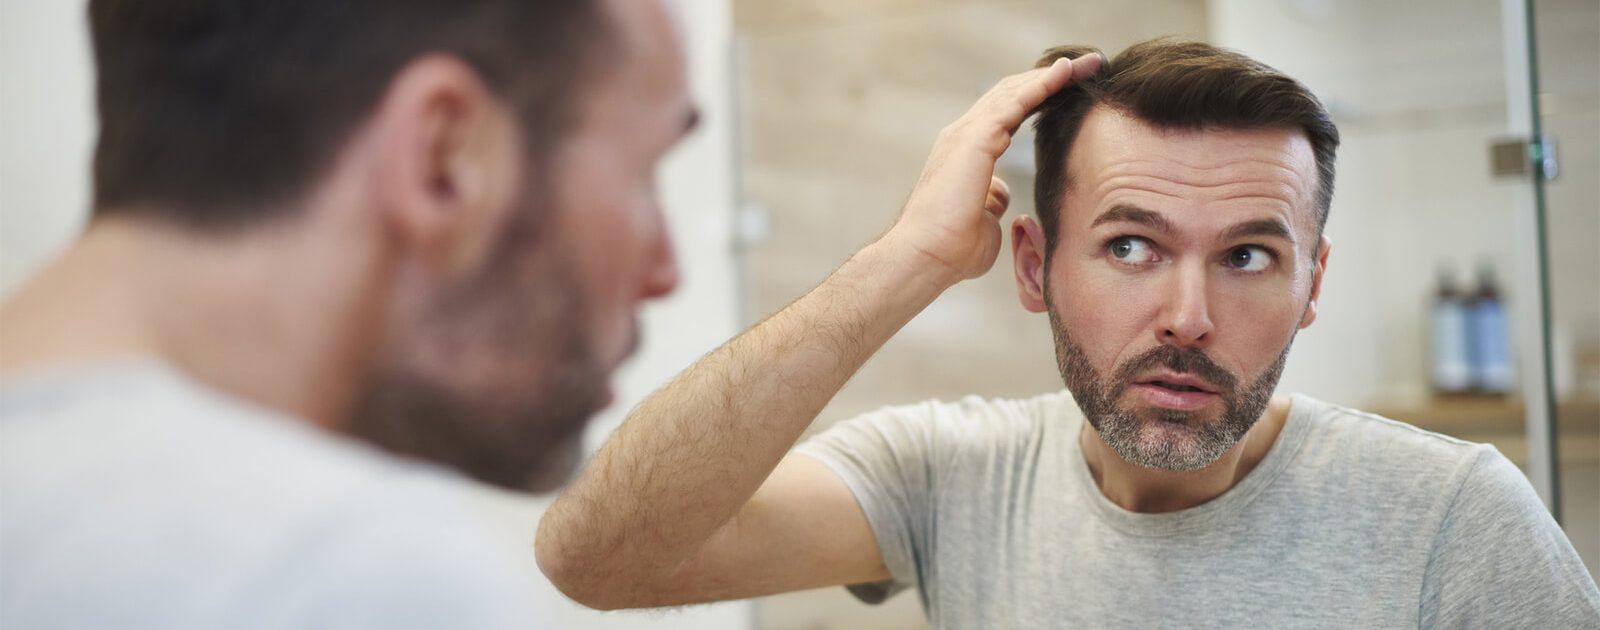 Mann, der im Spiegel seinen Haarausfall betrachtet, der durch die Wechseljahre entstanden ist.